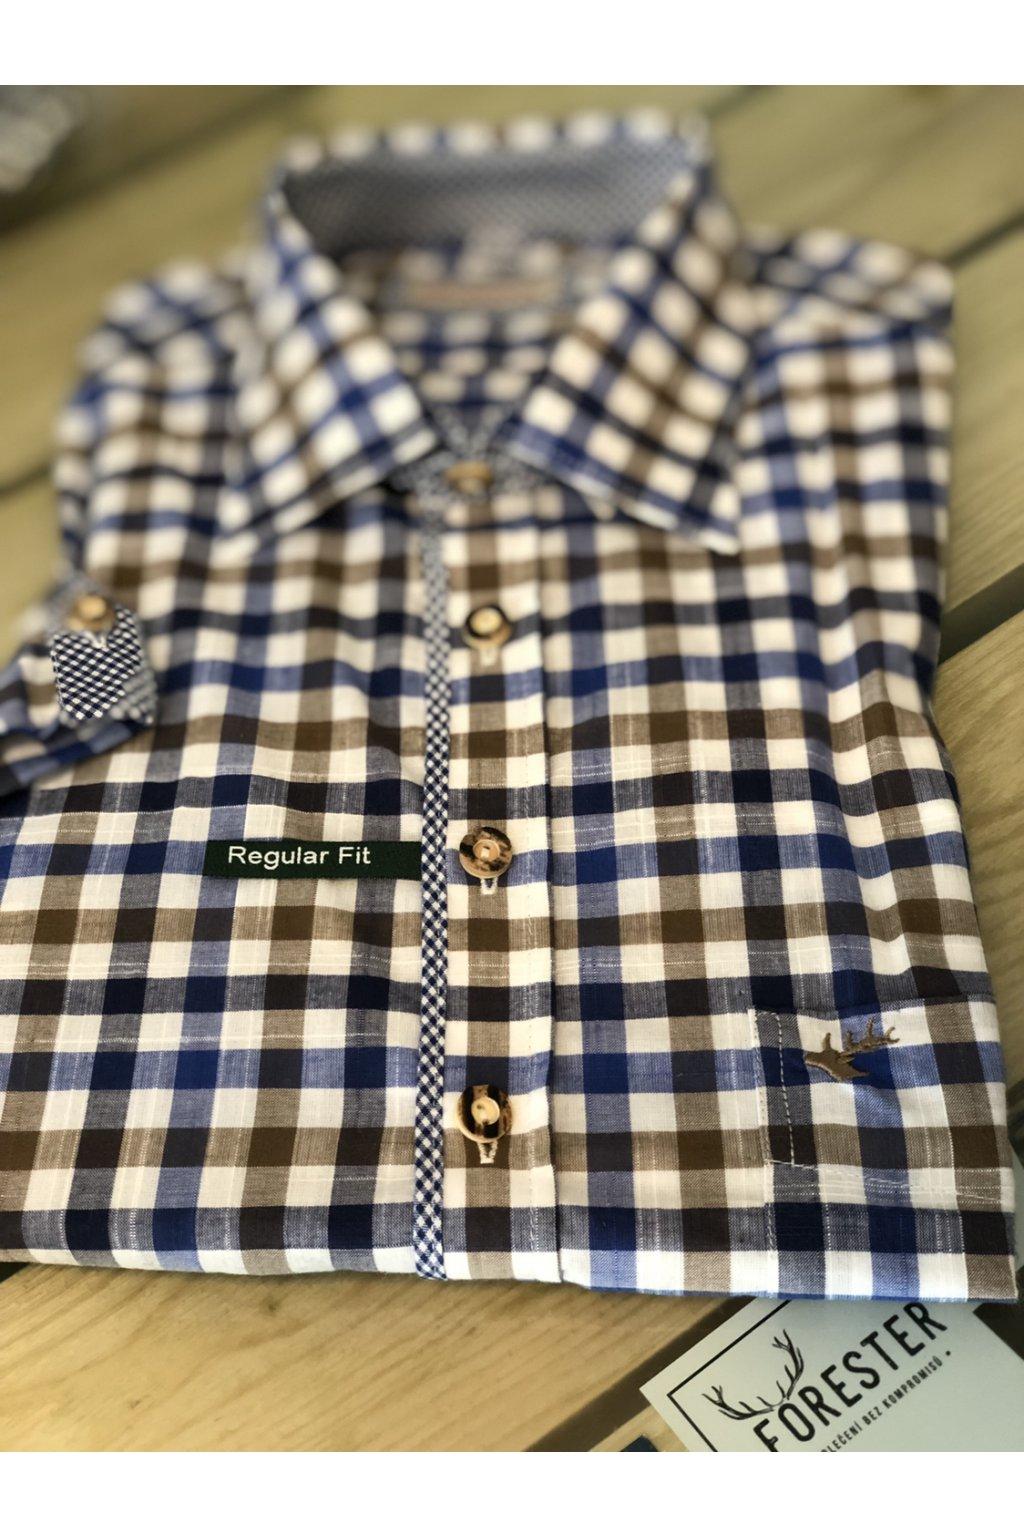 ORBIS - košile pánská letní s krátkým rukávem Regular Fit